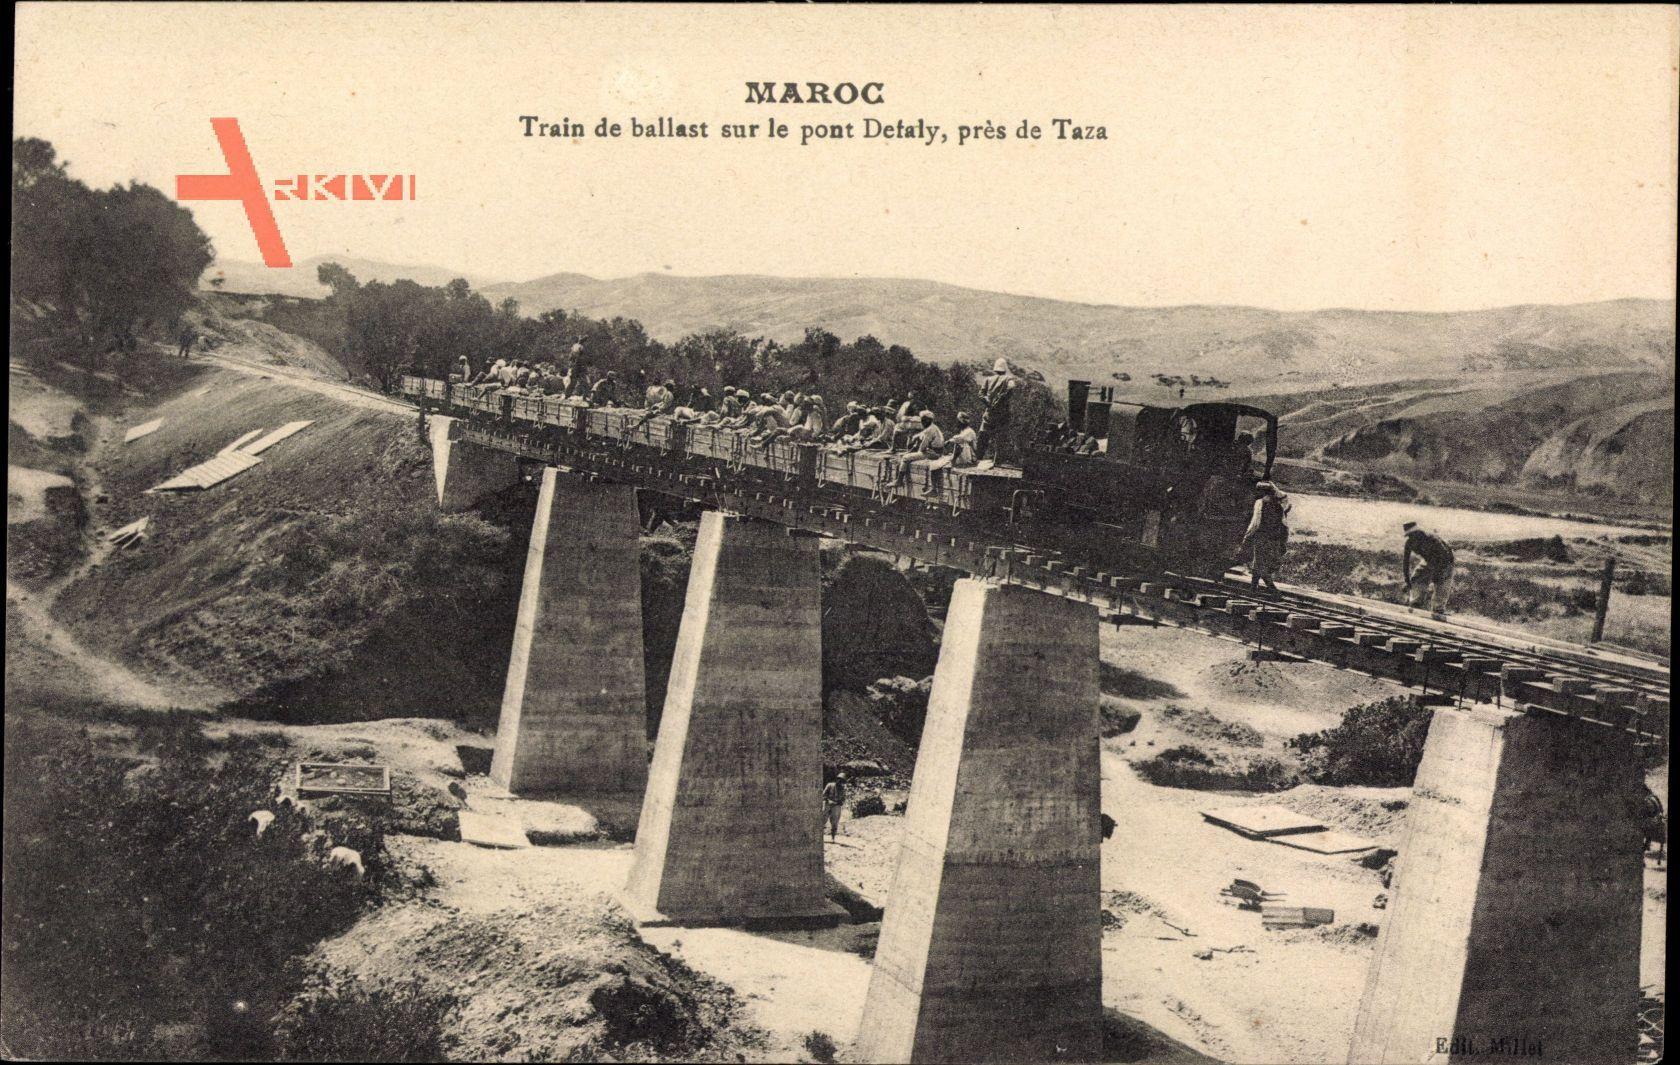 Marokko, Train de ballast sur le pont Detaly, pres de Taza